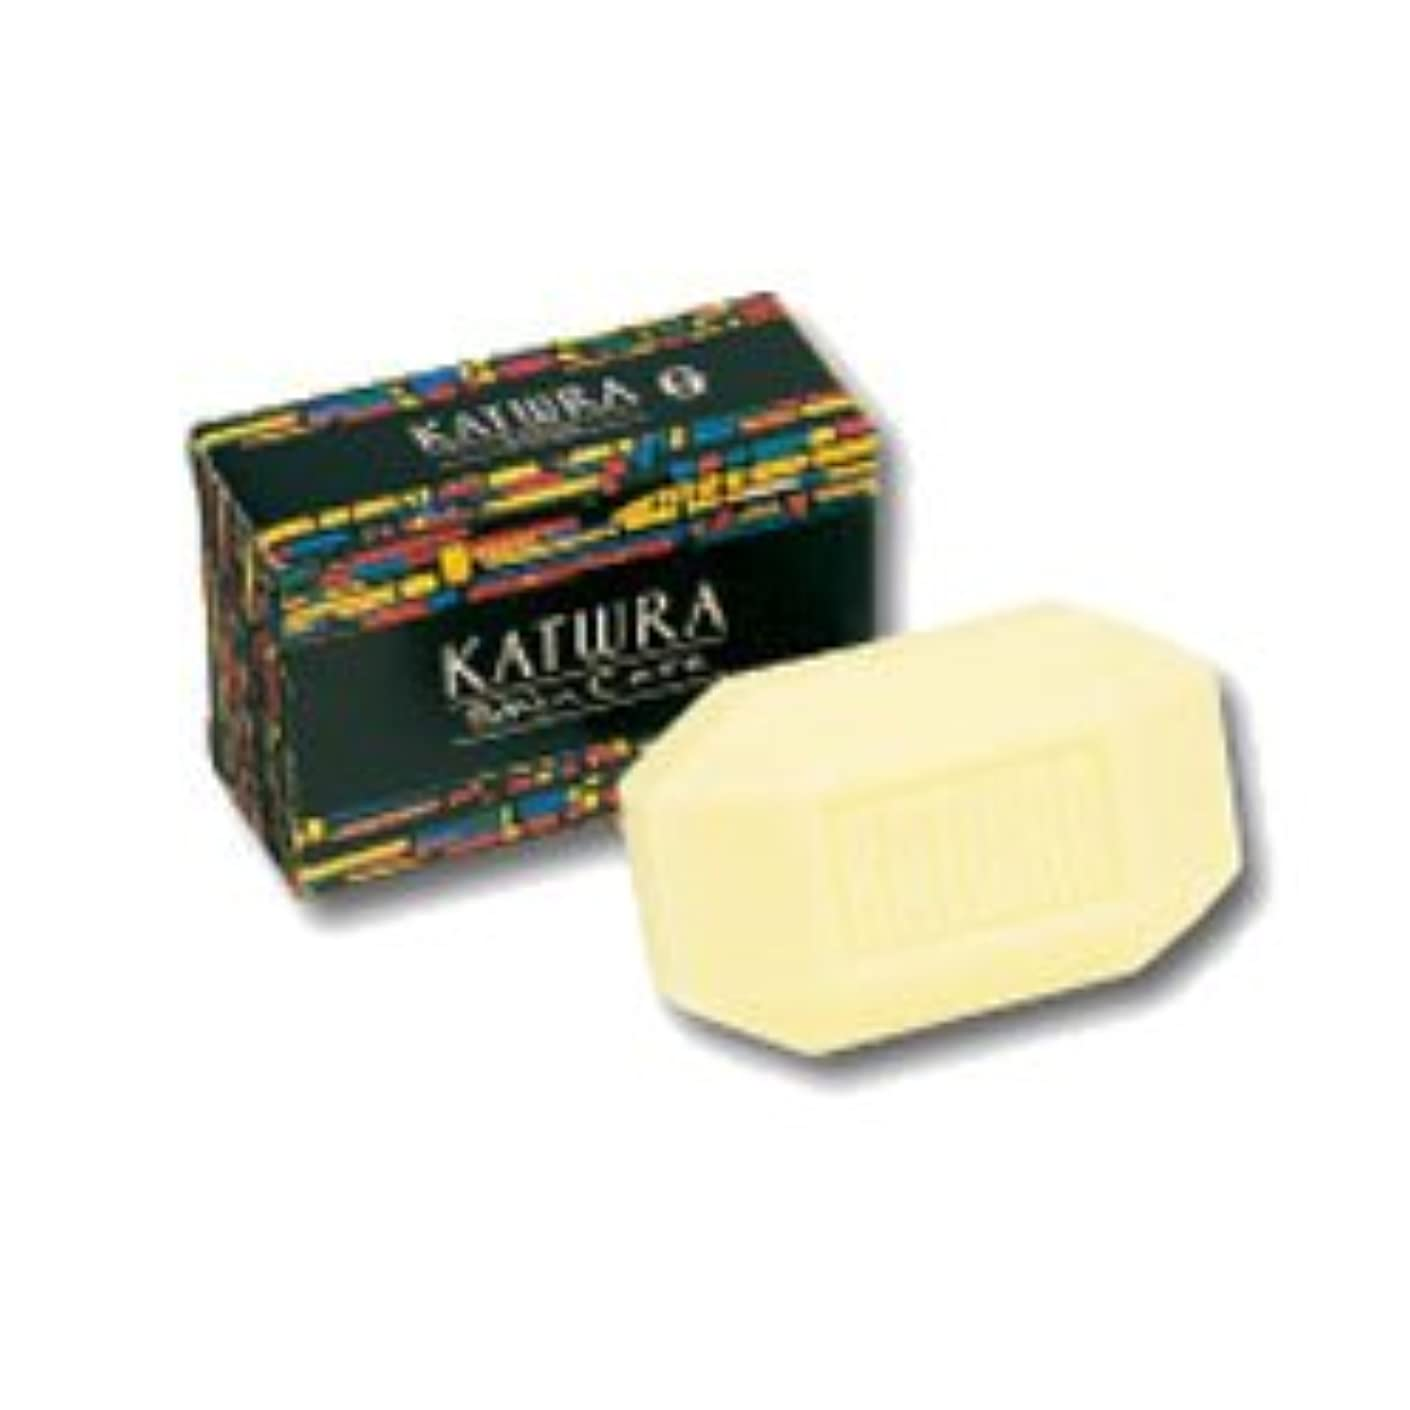 【カツウラ化粧品】カツウラ?サボン(グリーンフローラルの香り) 100g ×10個セット